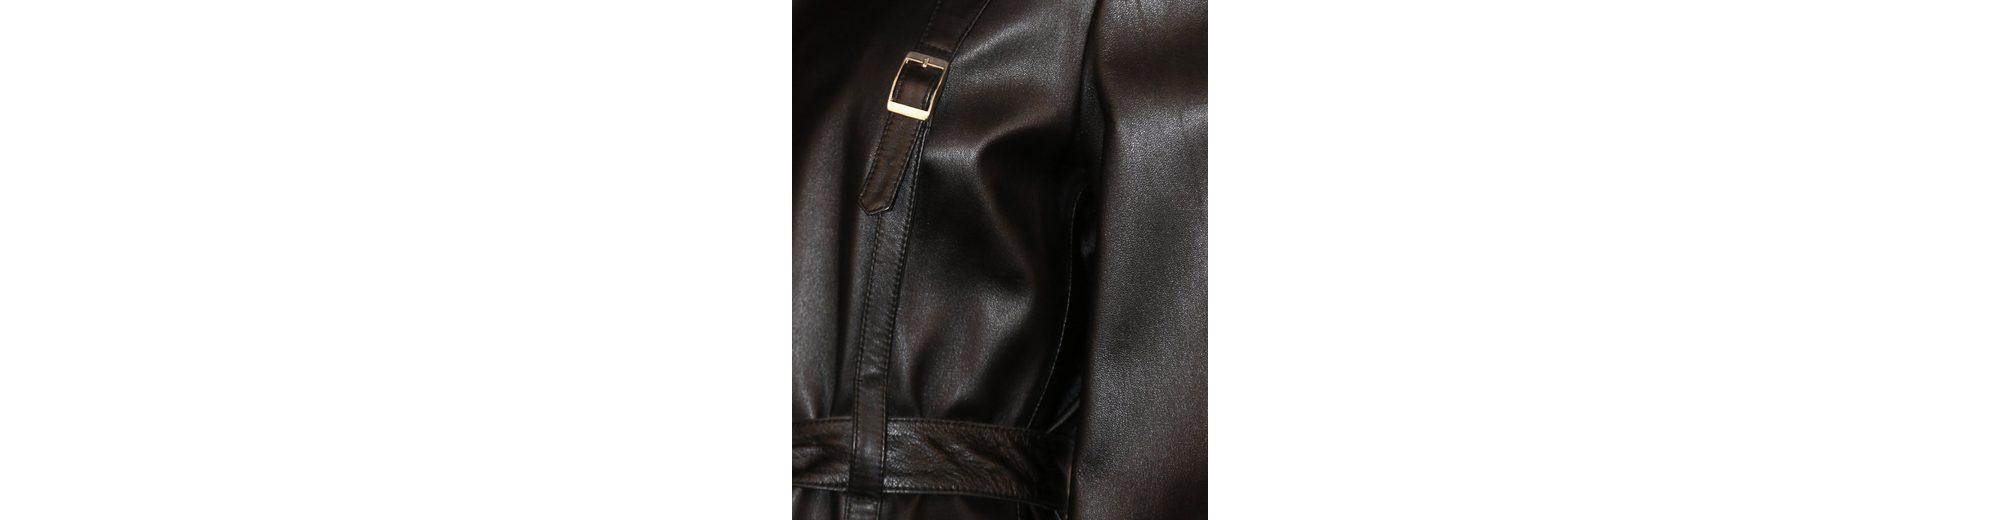 Rabatt Modische JCC Kurz-Mantel mit Bindegürtel G173 Günstig Kaufen Vermarktbare Kaufen Günstigen Preis Nicekicks Zum Verkauf Spielraum Bester Verkauf Wv4CGI